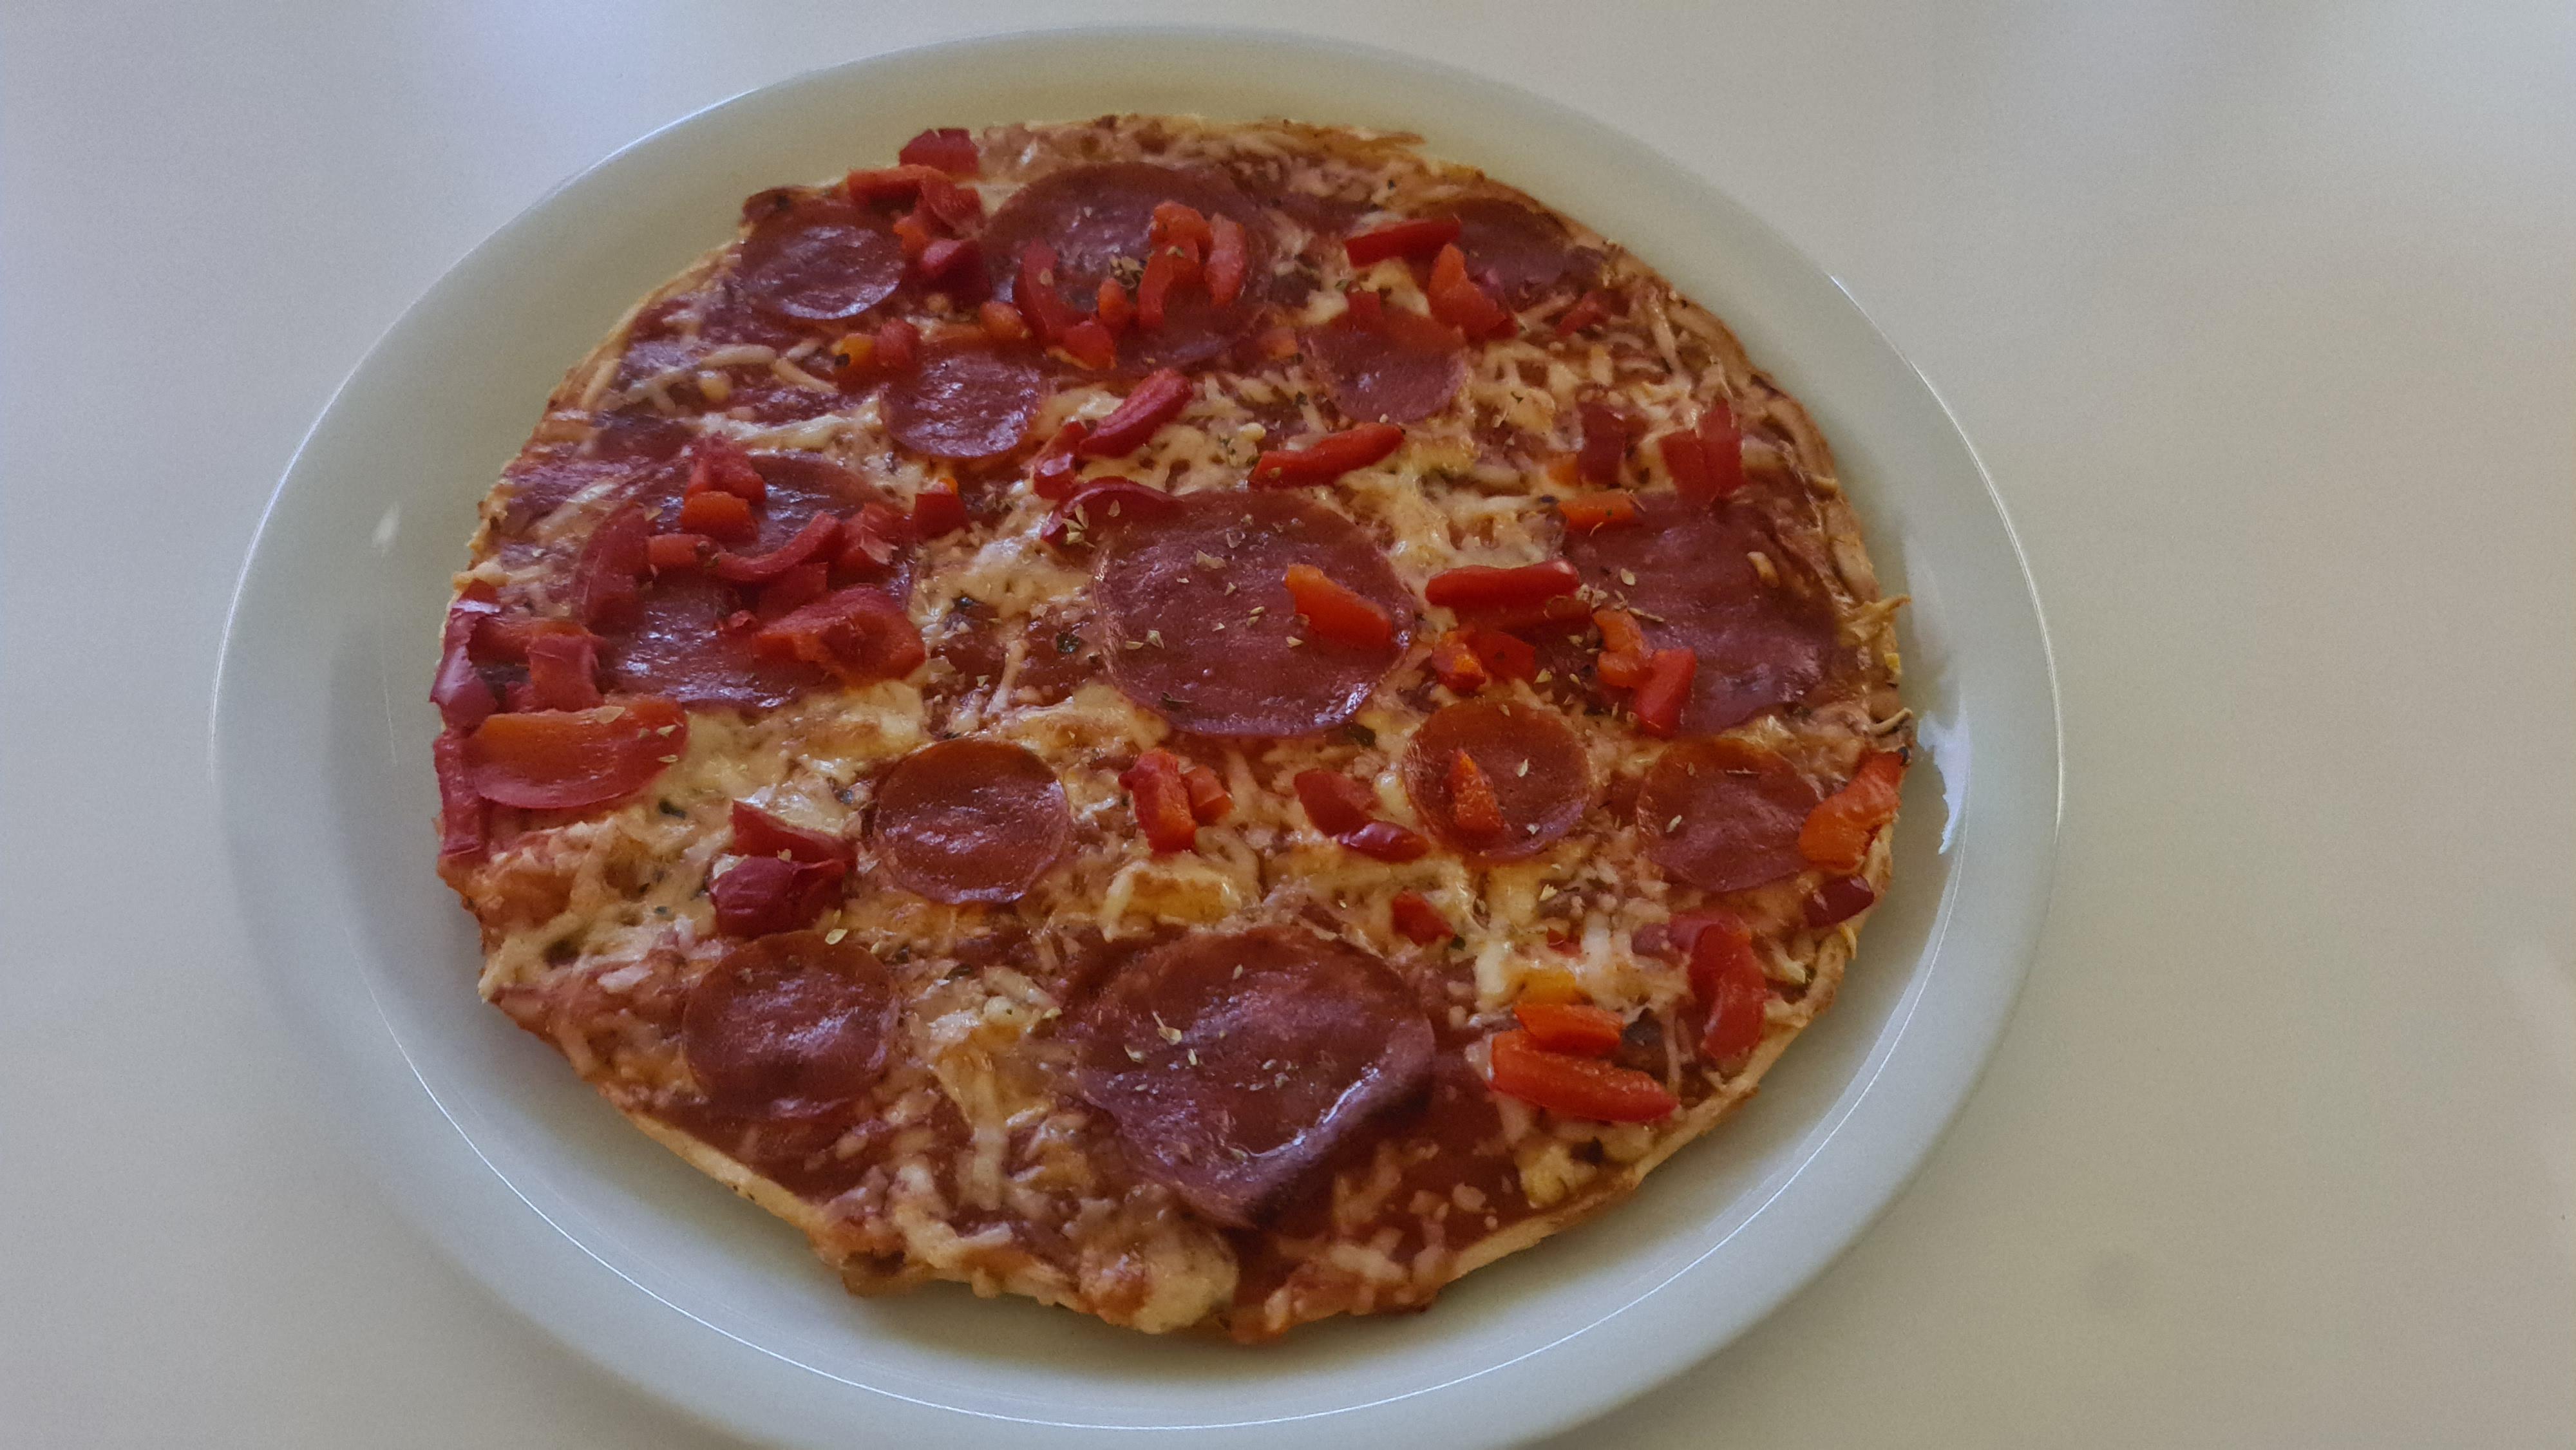 https://foodloader.net/Holz_2020-09-06_Pizza.jpg